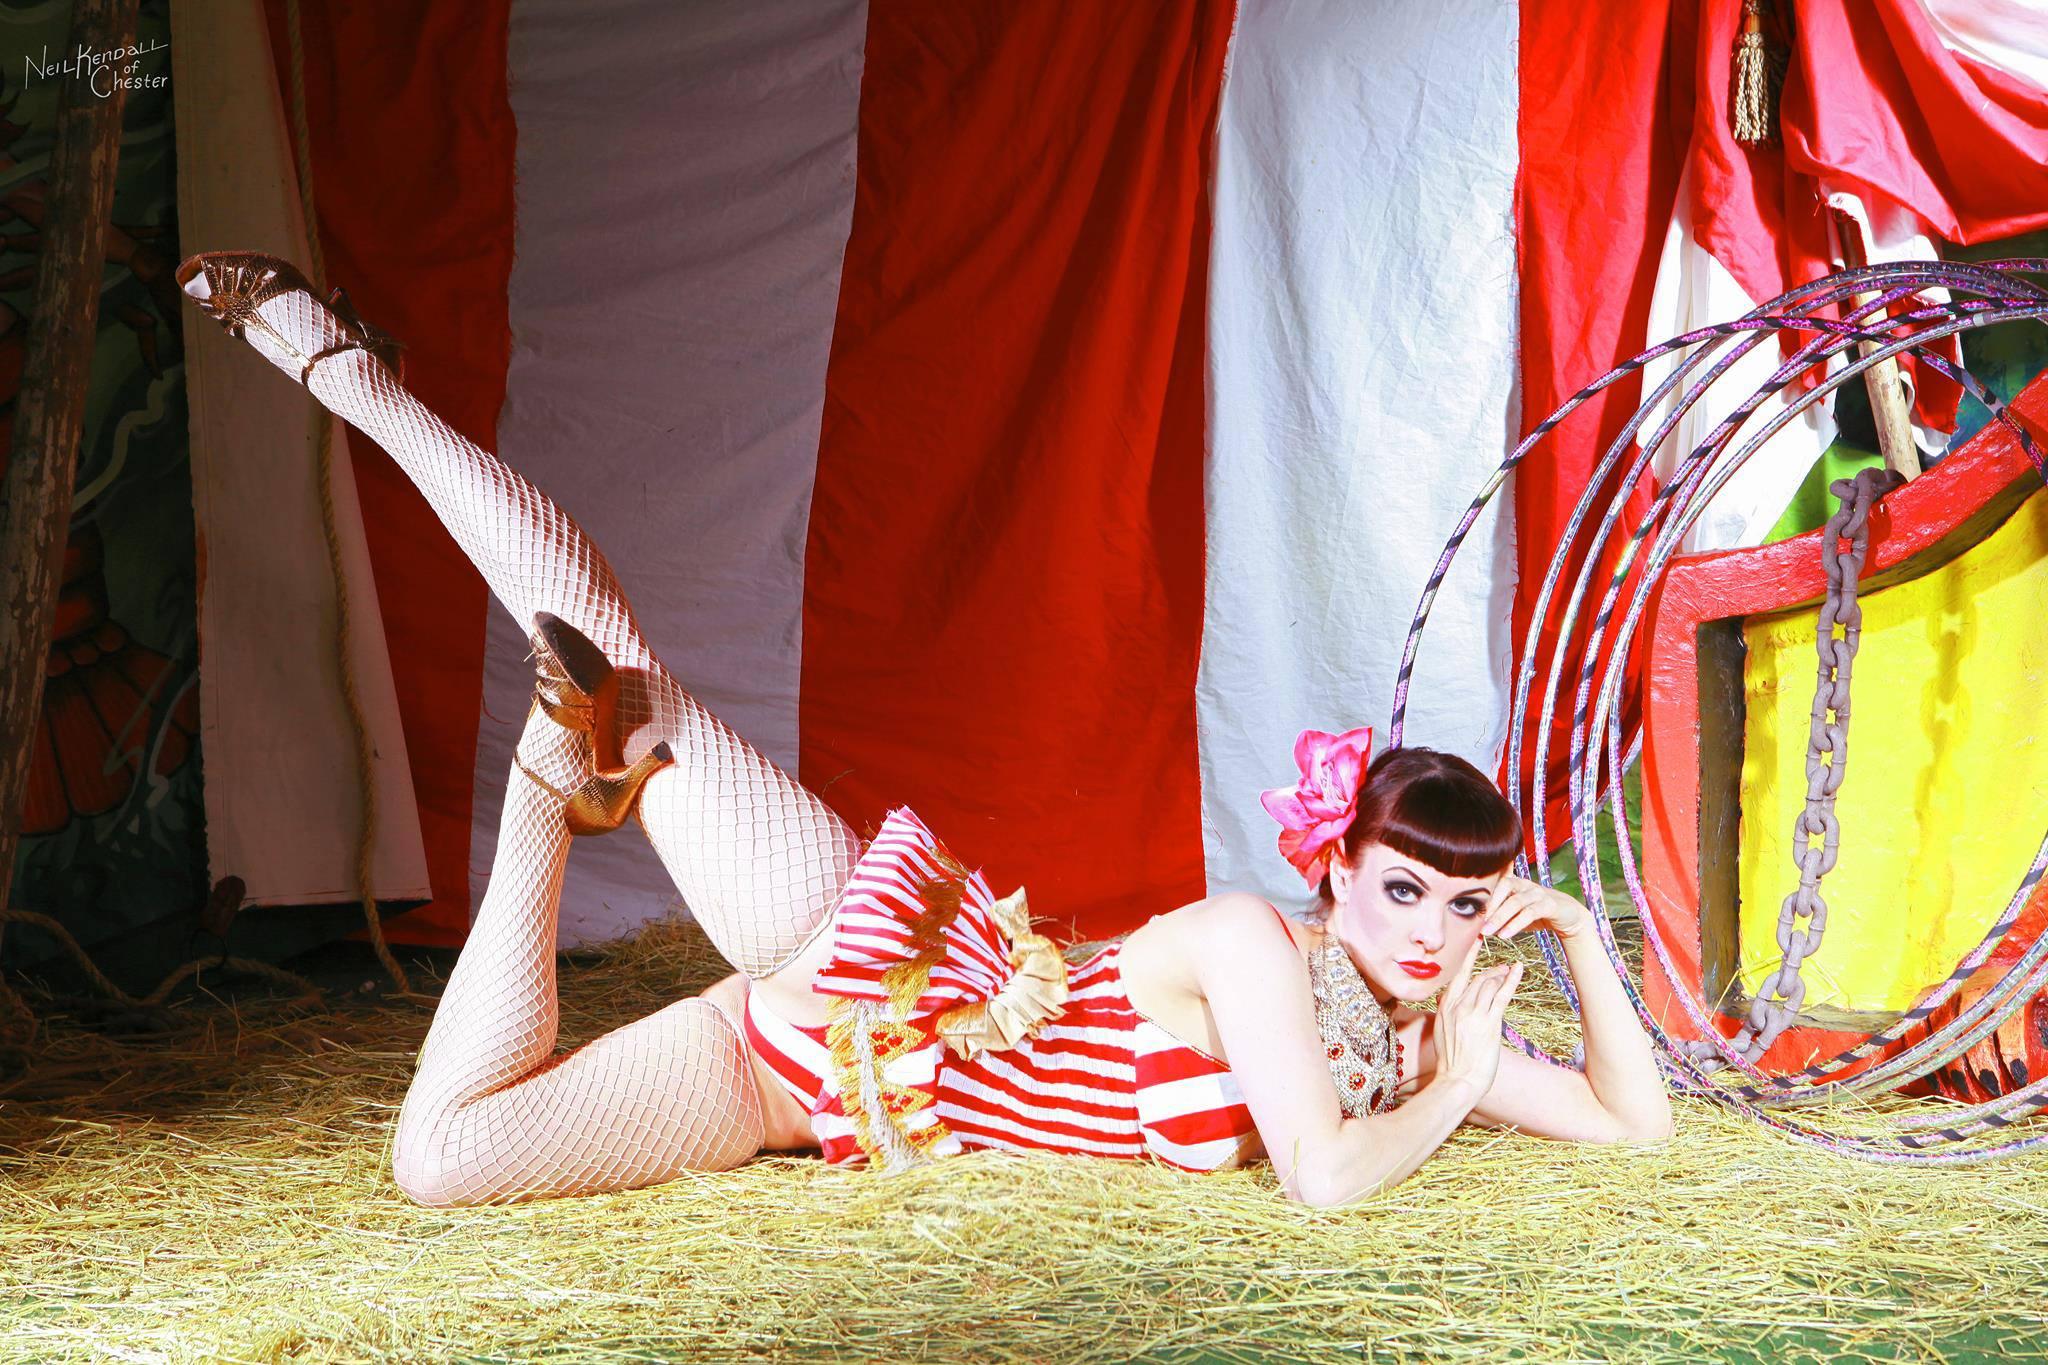 book-circus-show-5.jpg